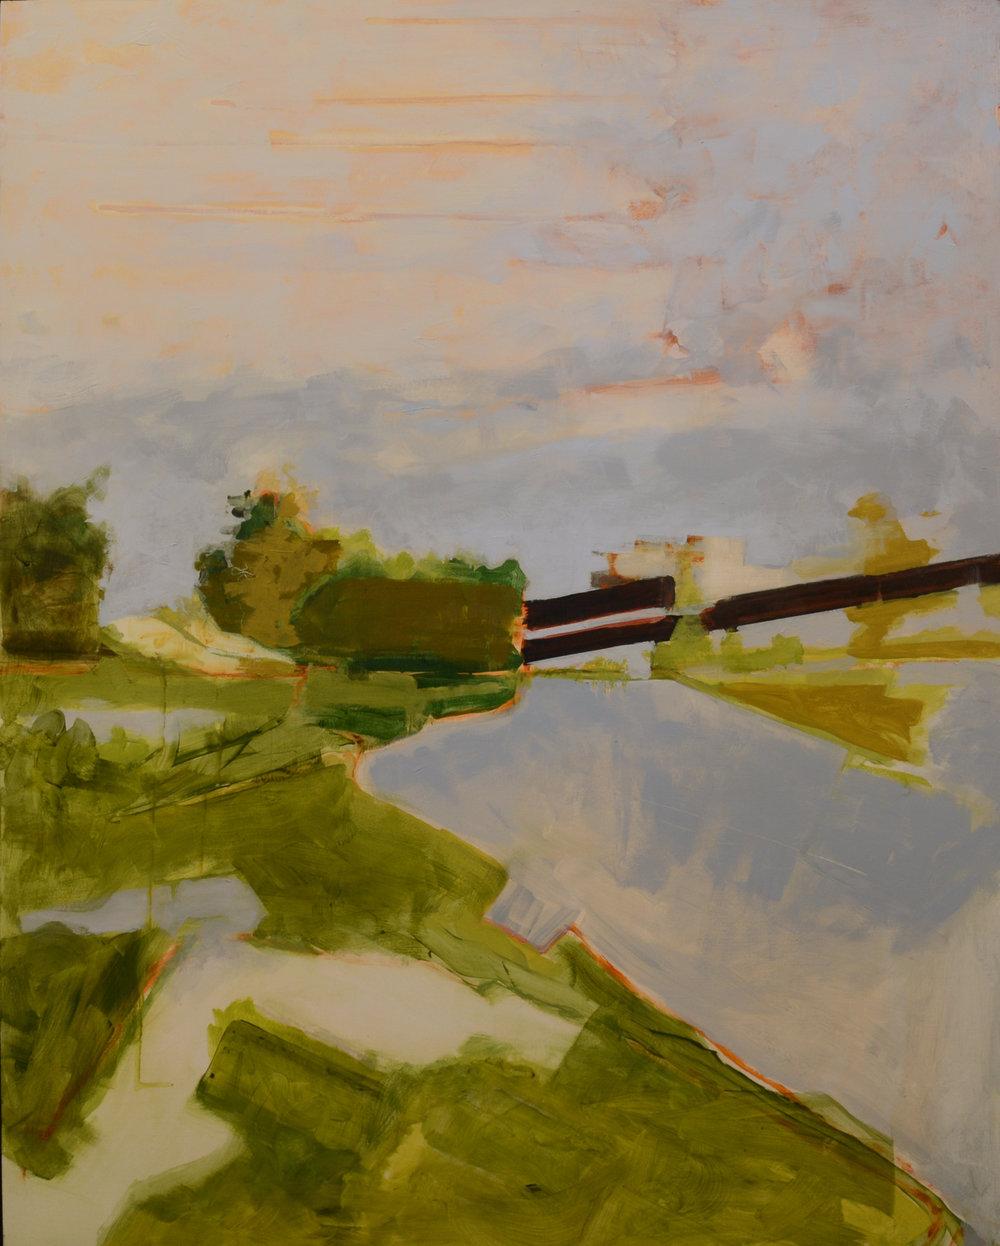 Packer Bog II, acrylic on panel, 36 x 29 inches